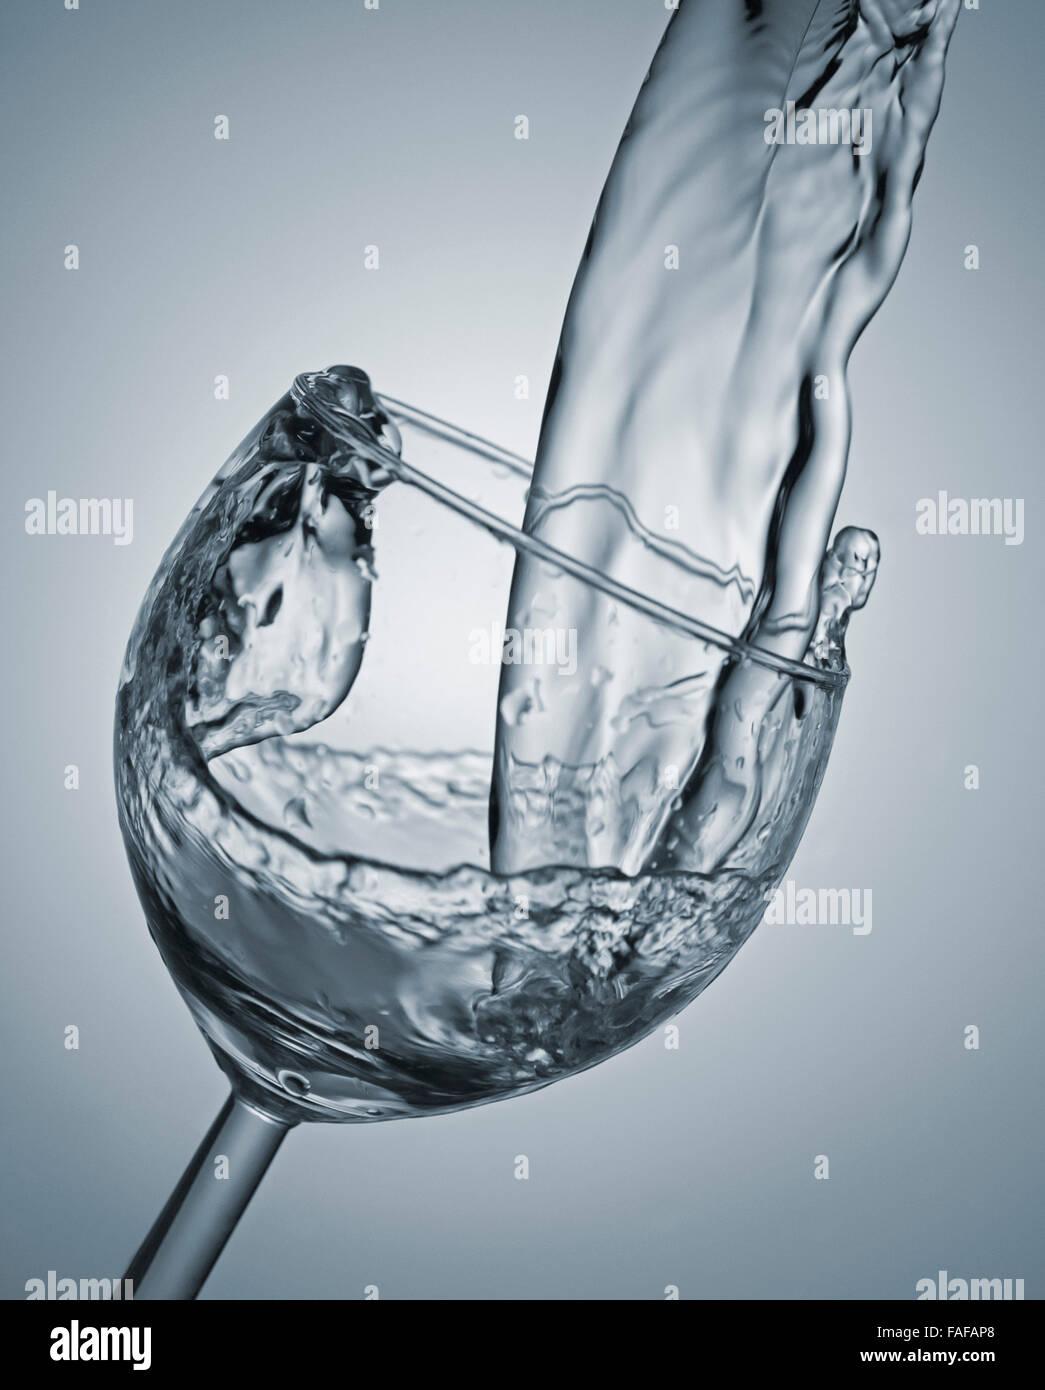 Un rush de verter agua en un vaso con faro y barcos dentro del caos Imagen De Stock